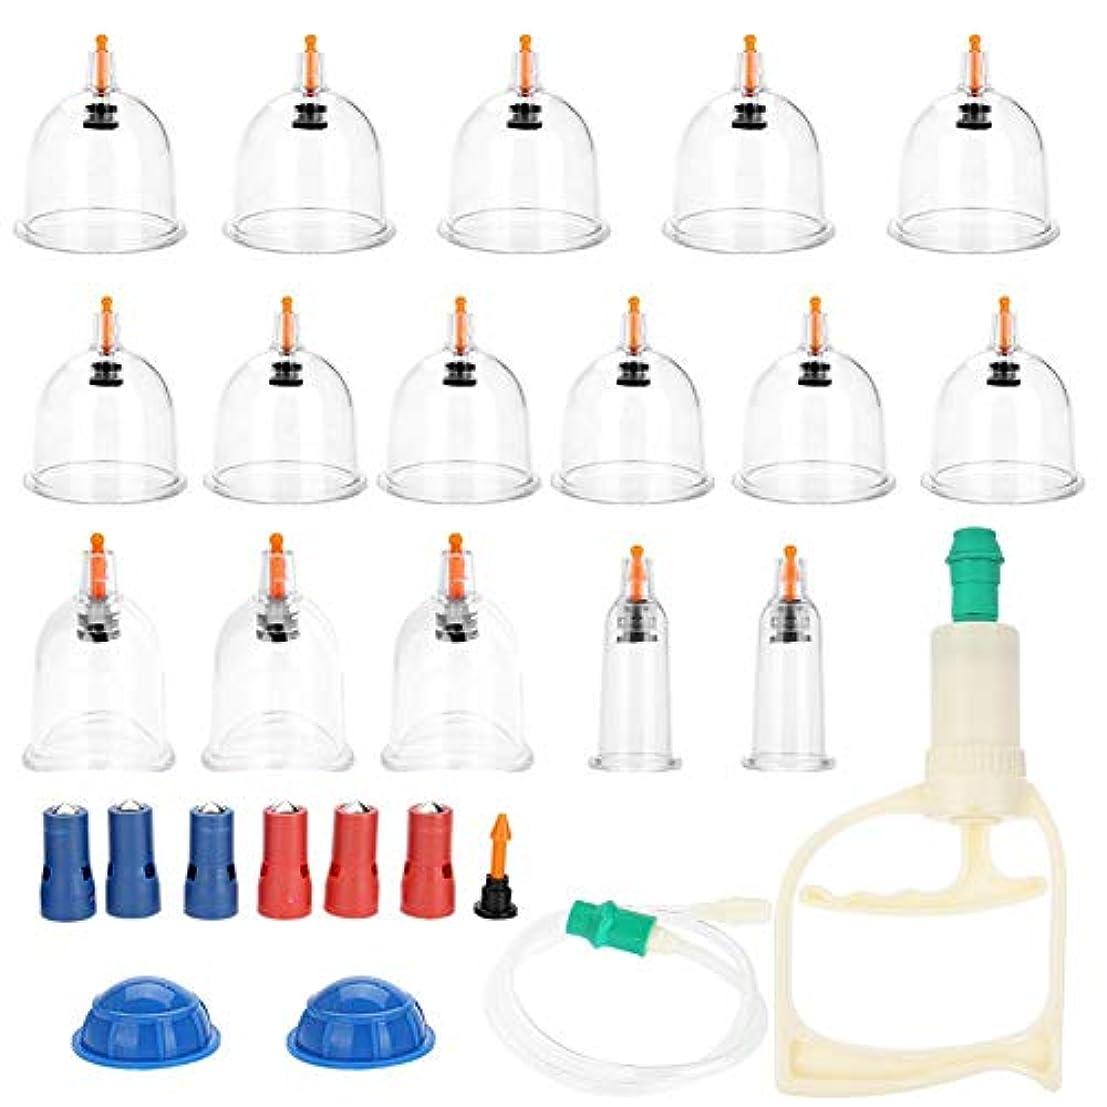 剃る第九信者カッピング - Delaman cupping、吸い玉カップ、真空吸引カッピングキット、マッサージカッピングセット、グリップハンド 真空ポンプ